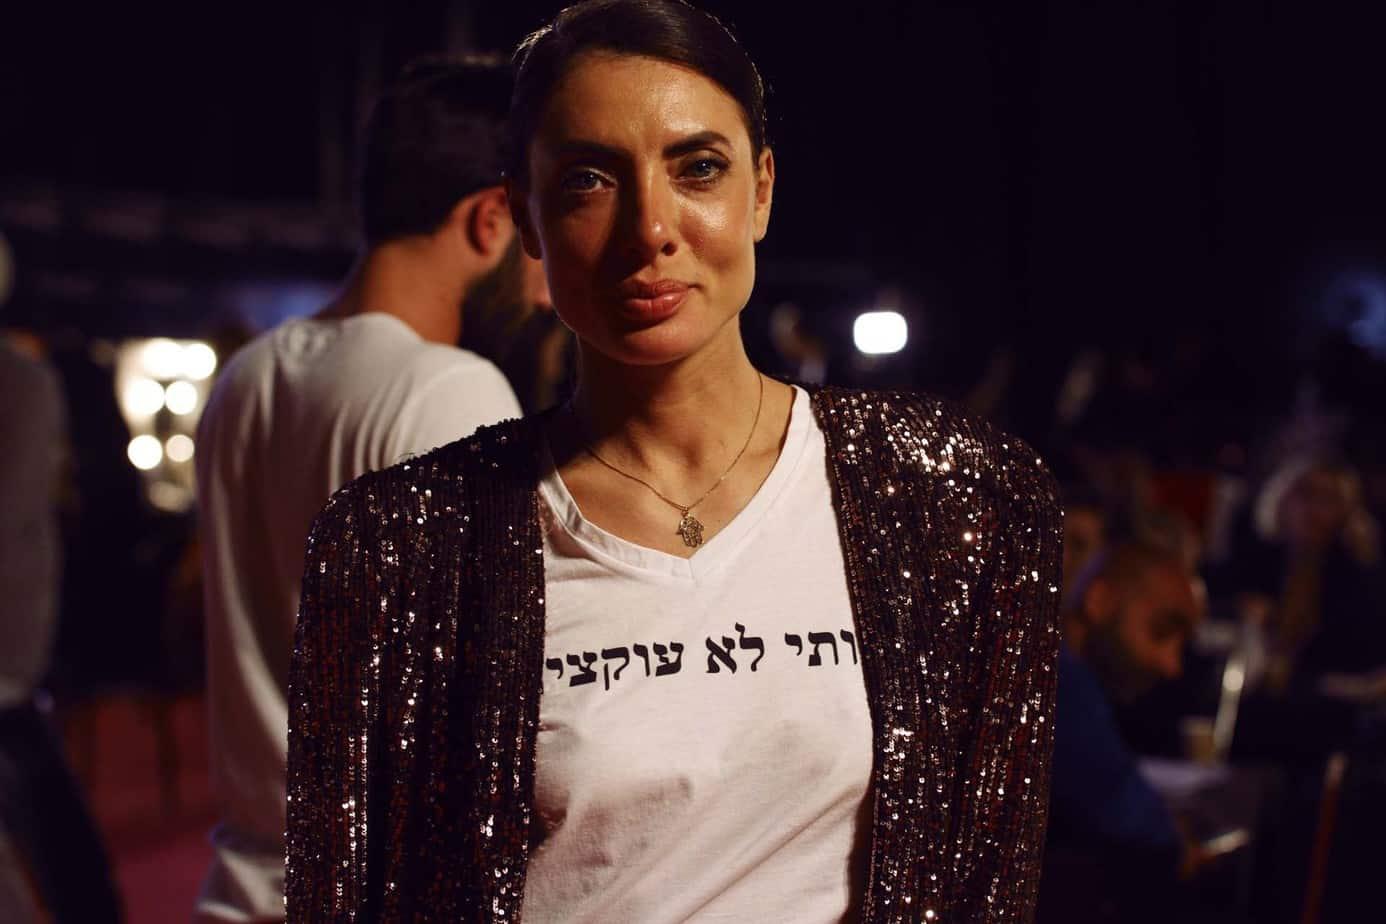 משכית. שבוע אופנה תל אביב 2019. צילום: עומר רביבי-6666